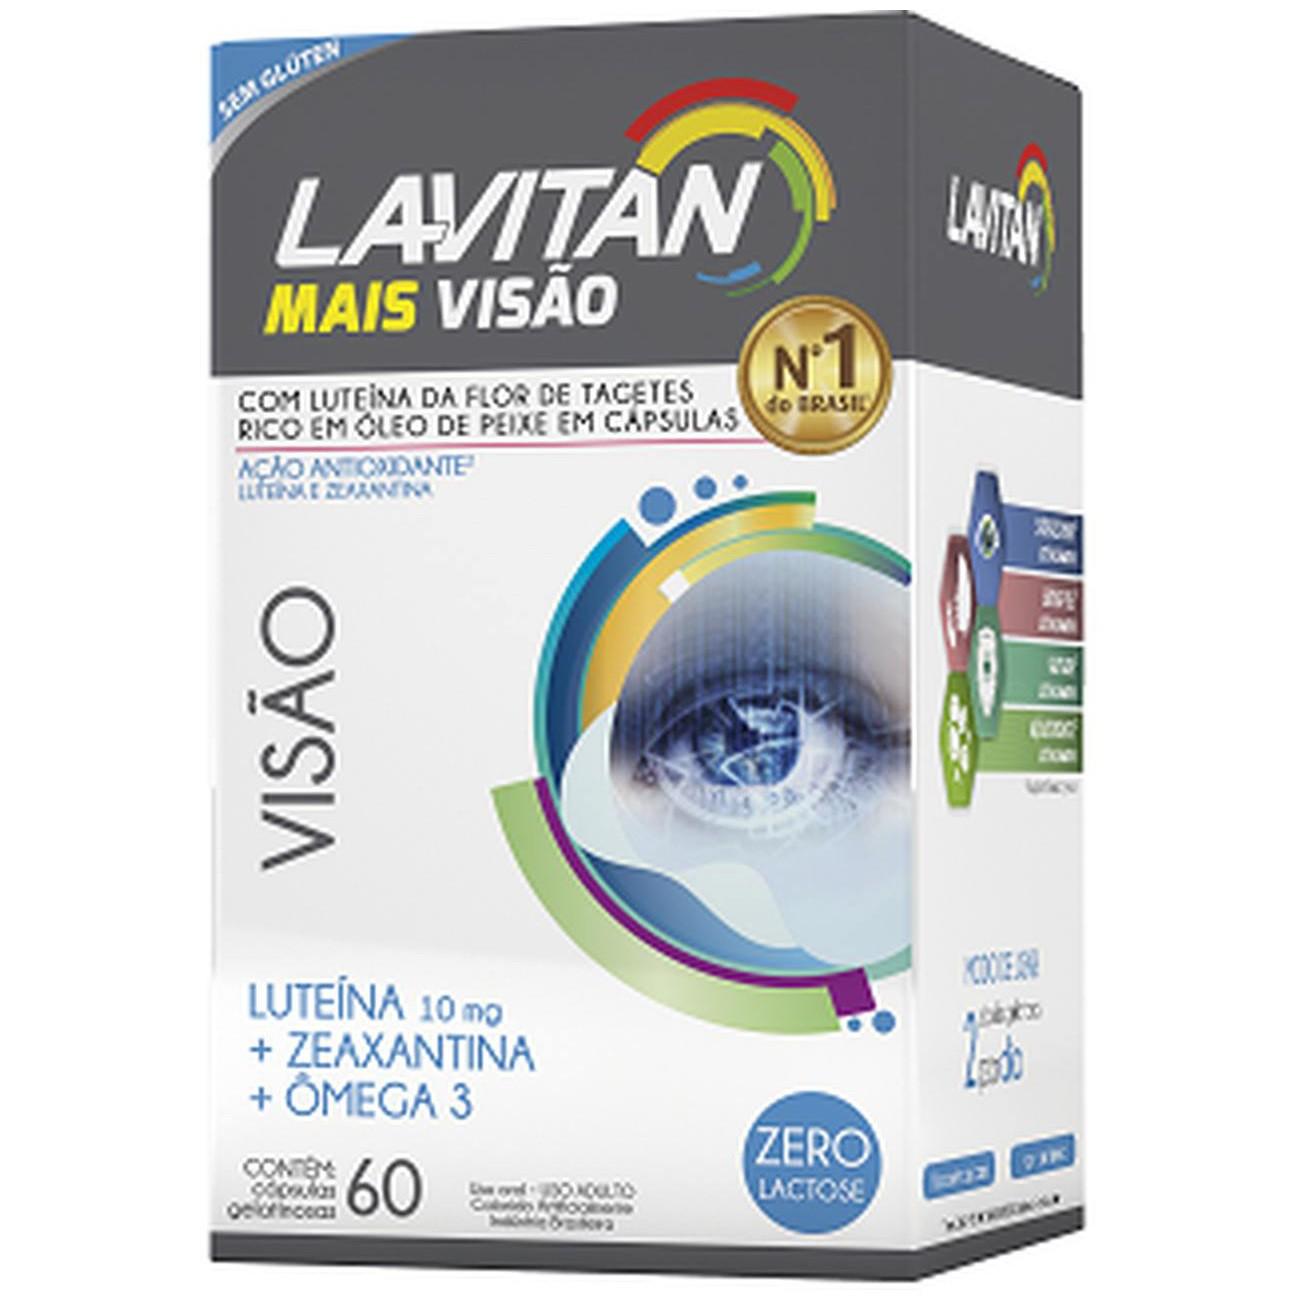 Luteína + Zeaxantina + Ômega 3 Lavitan Mais Visão - 60 Cápsulas